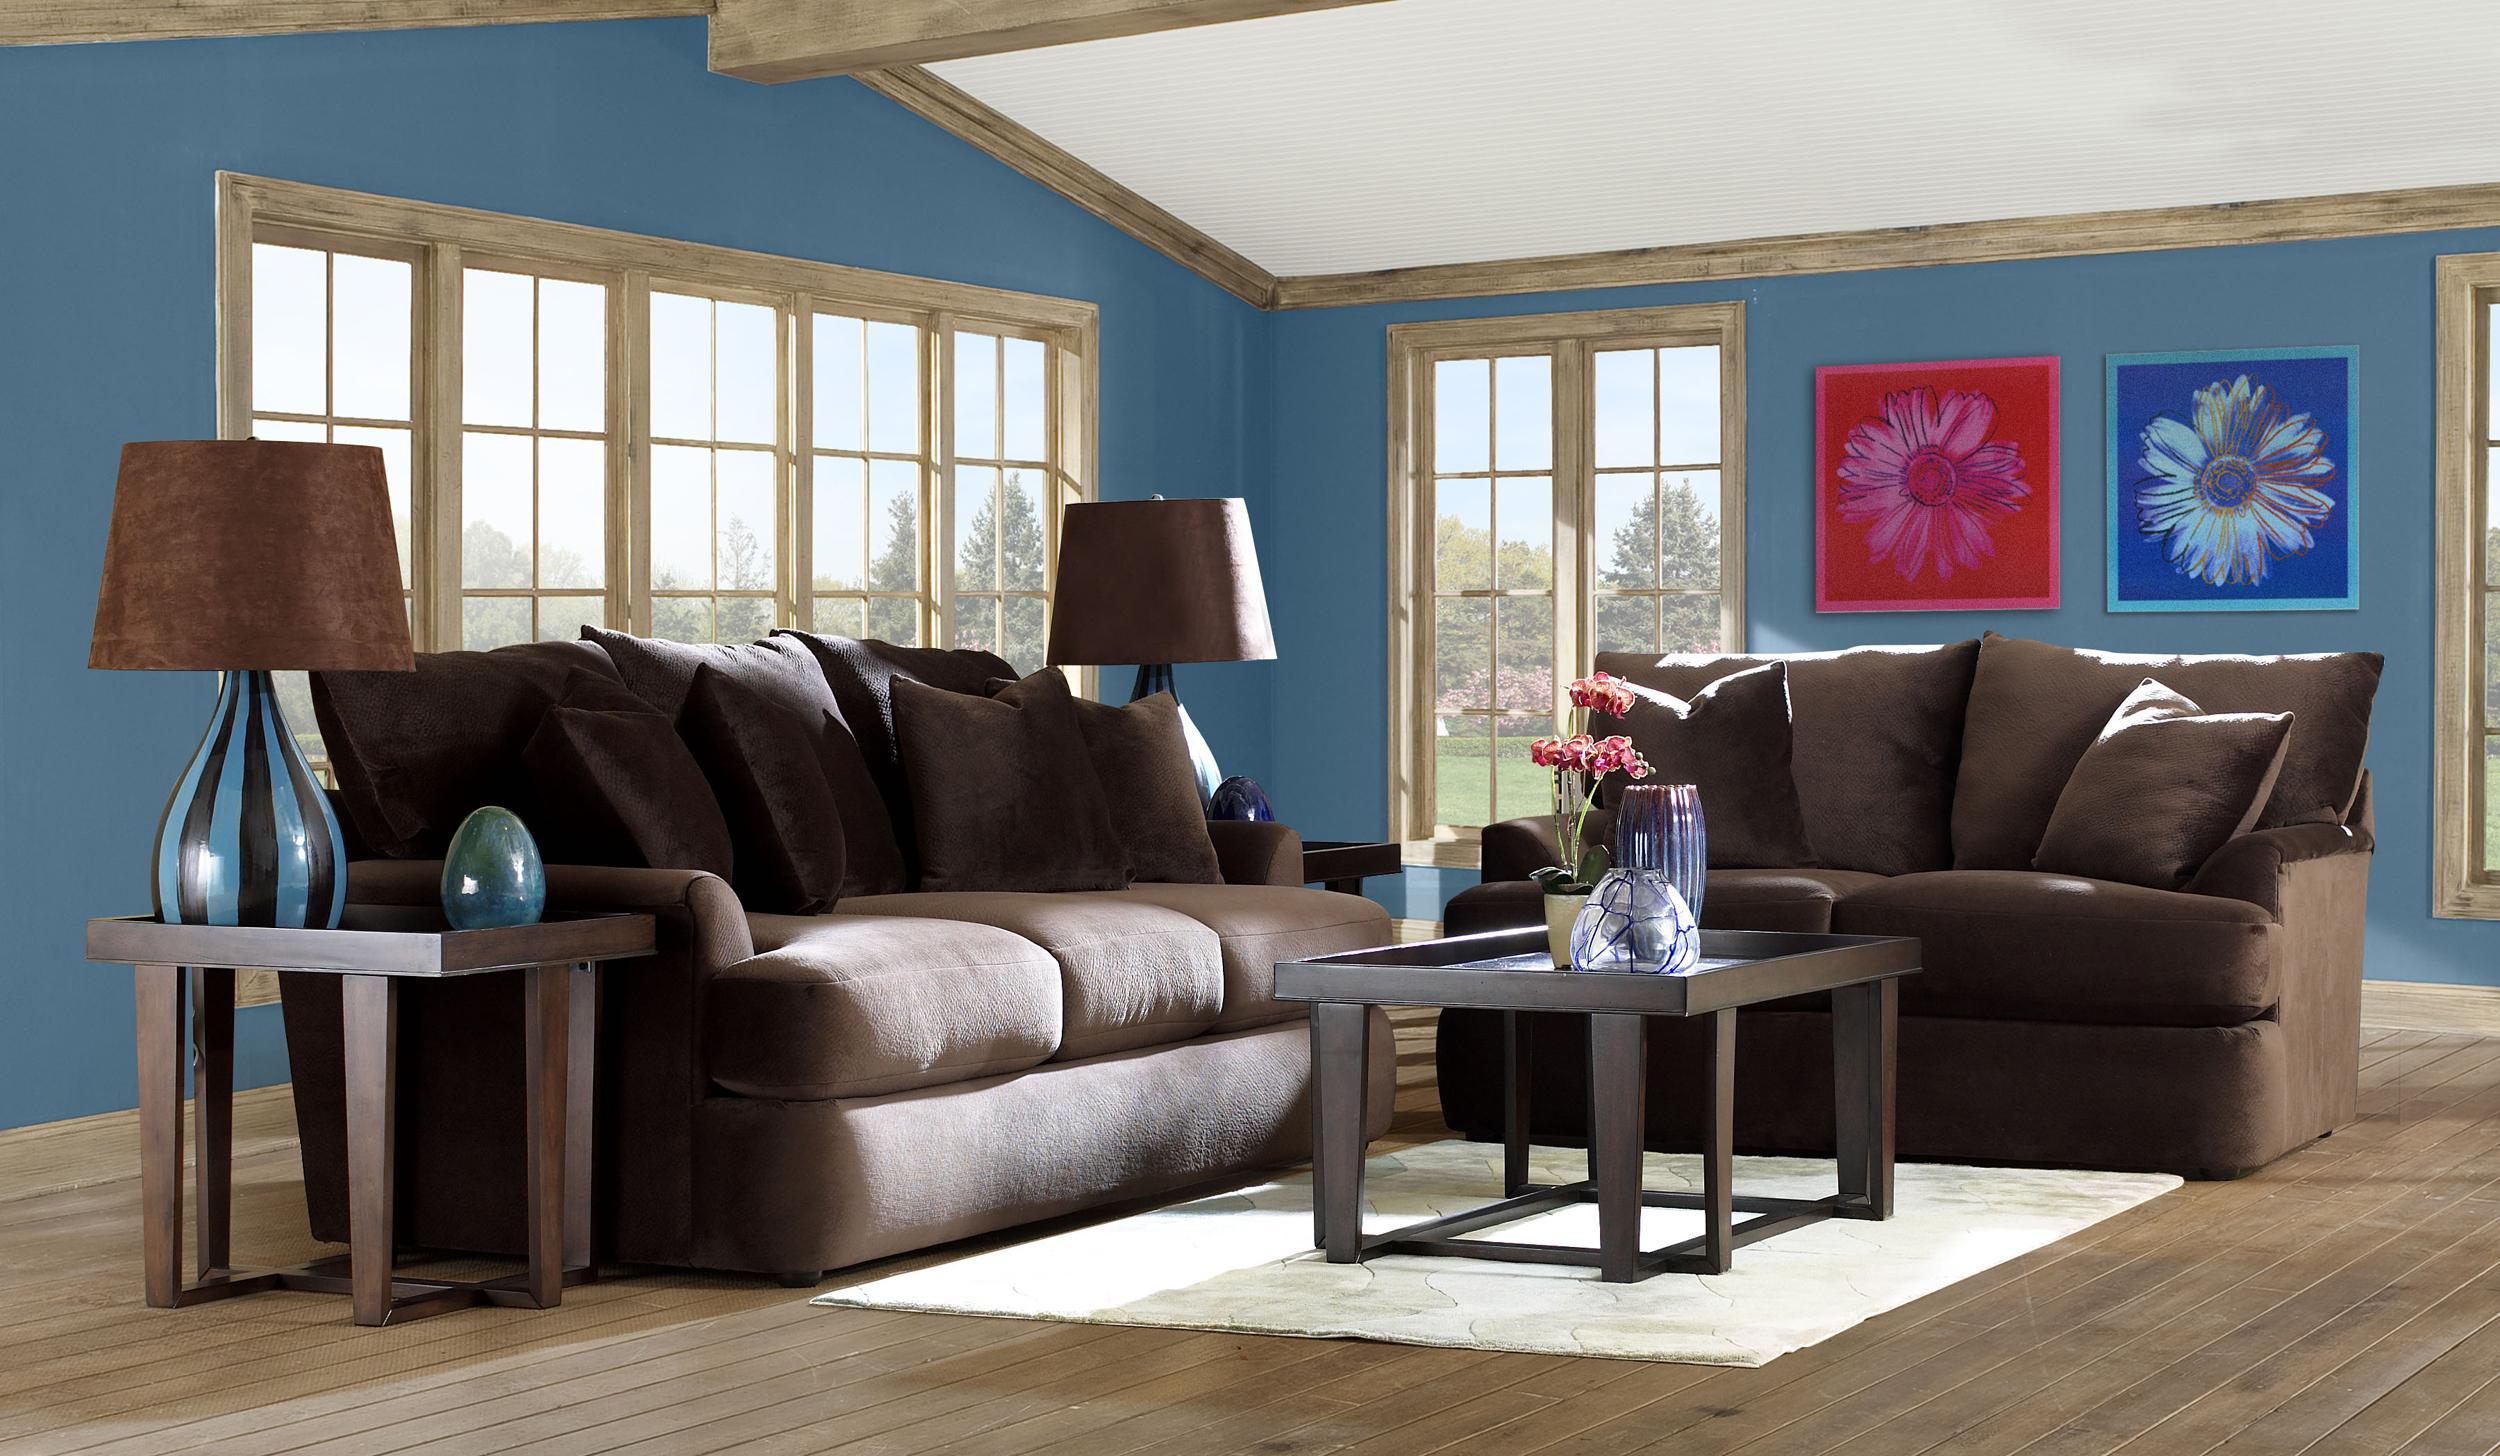 Klaussner Findley Stationary Living Room Group - Item Number: K56830 Living Room Group 1